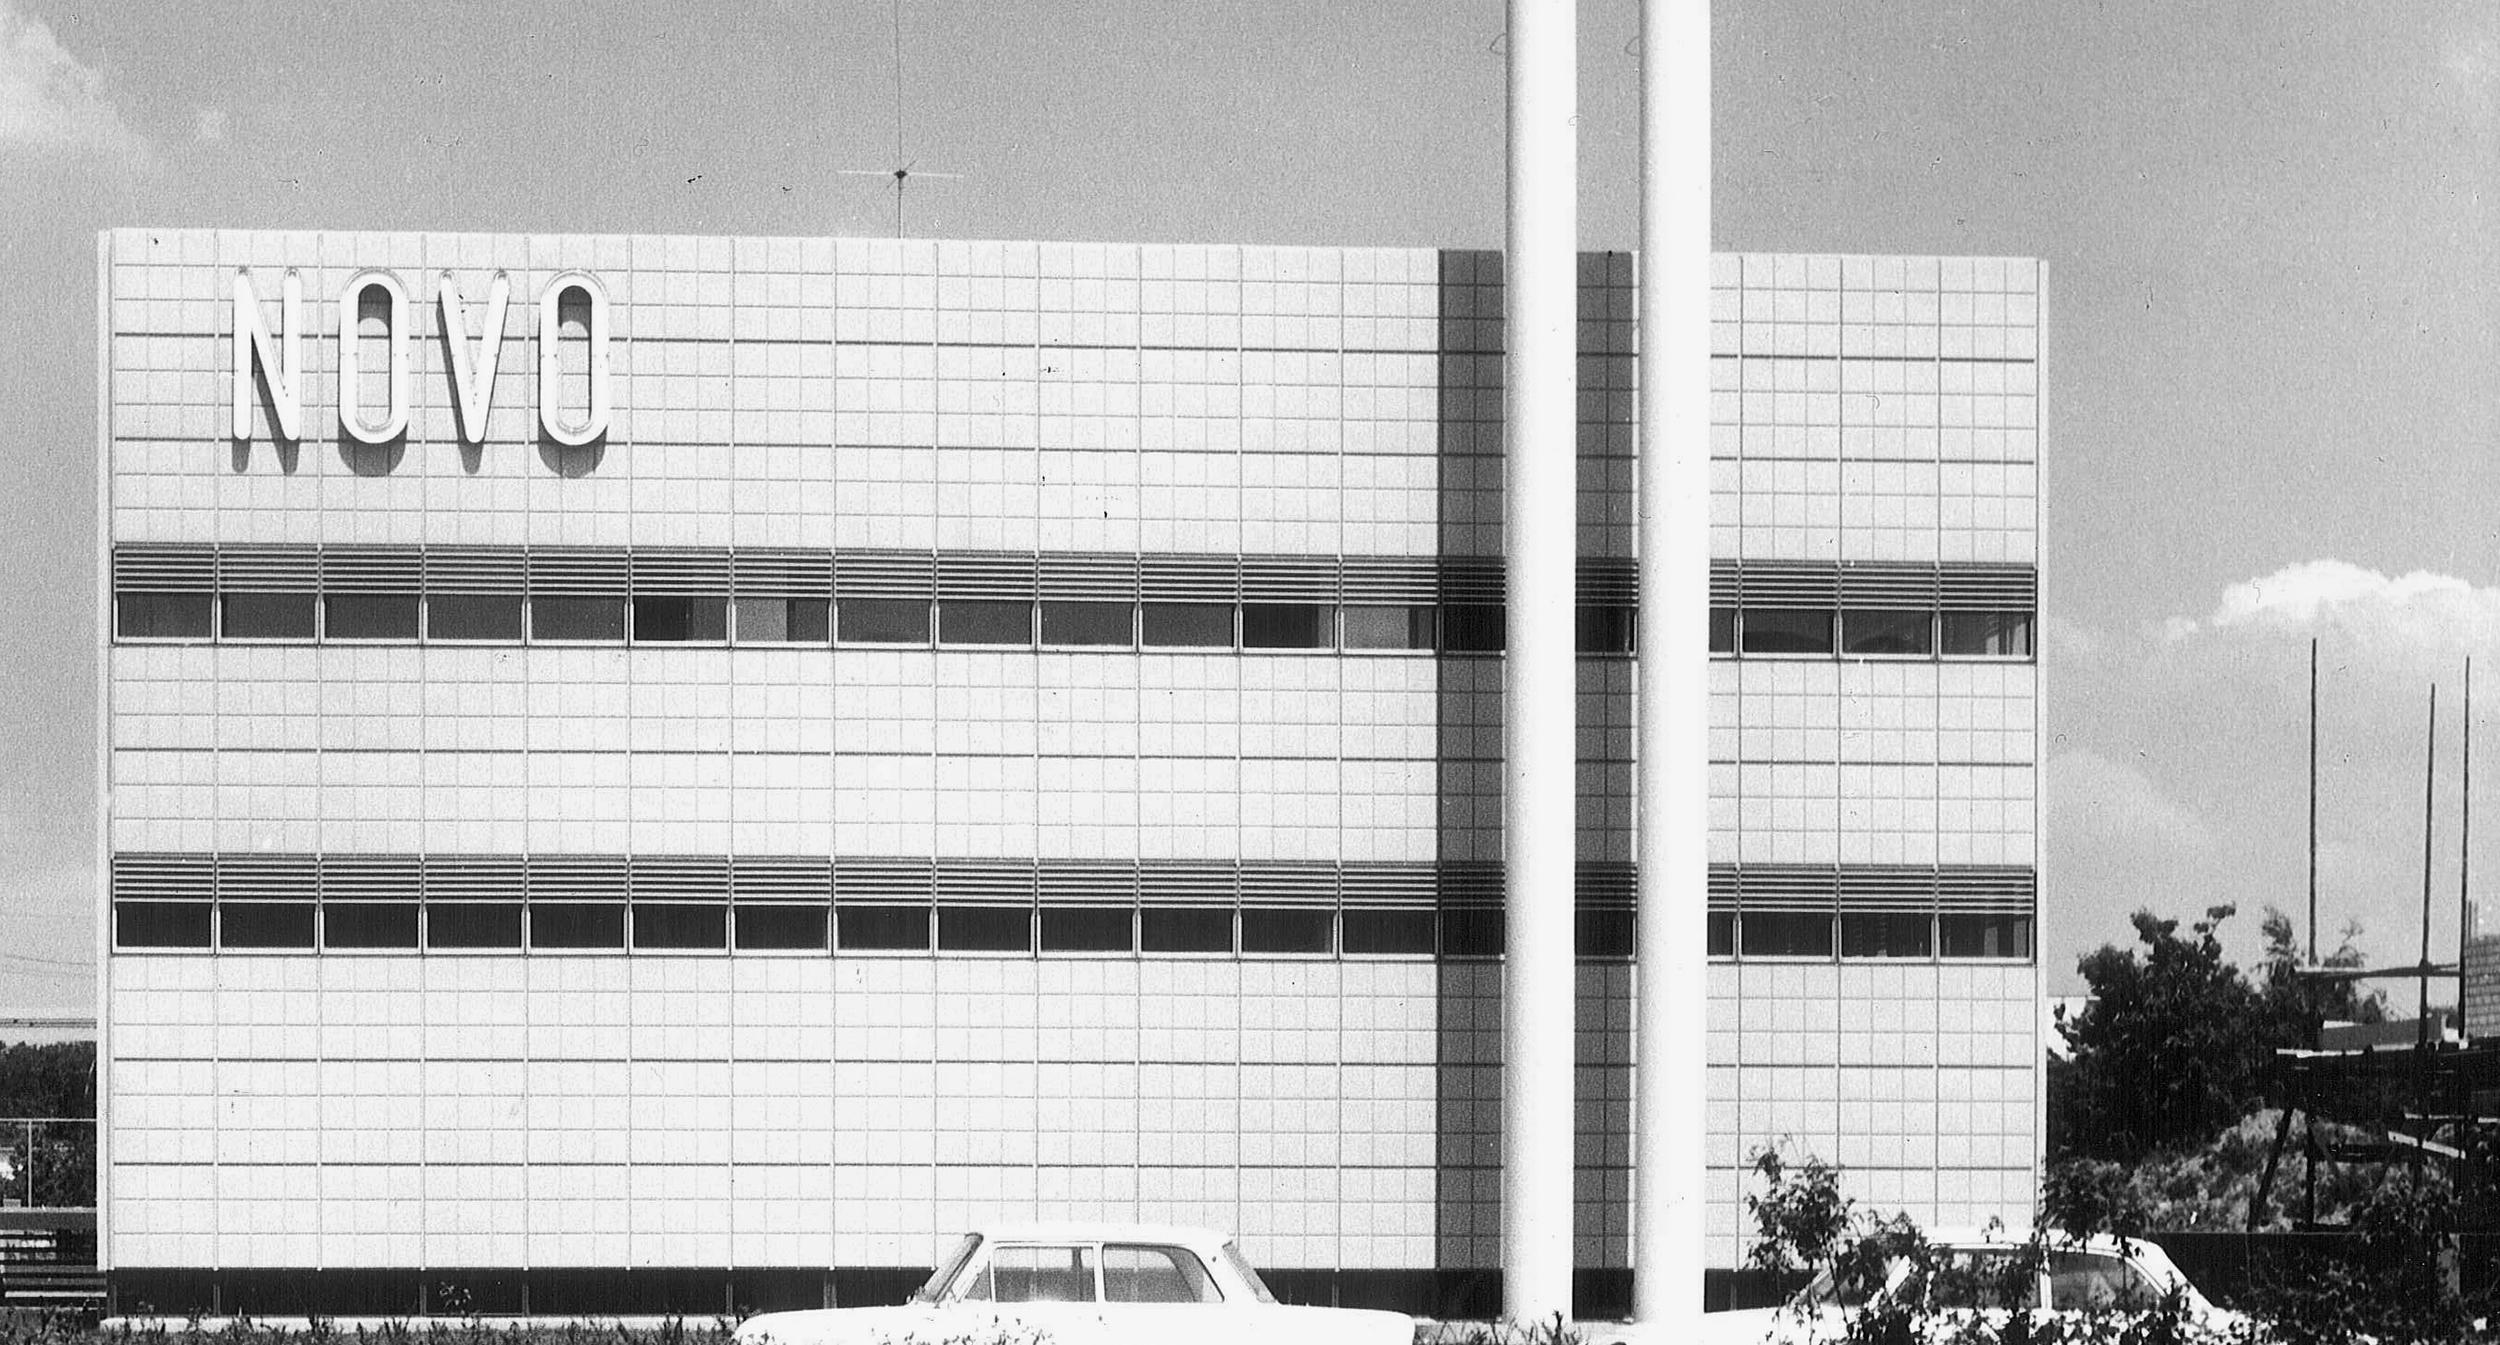 BDA Award, Rheinland-Pfalz 1972    The Novo factory in Mainz receives the BDA Award (Bund Deutcher Architekten) in Rheinland-Pfalz.